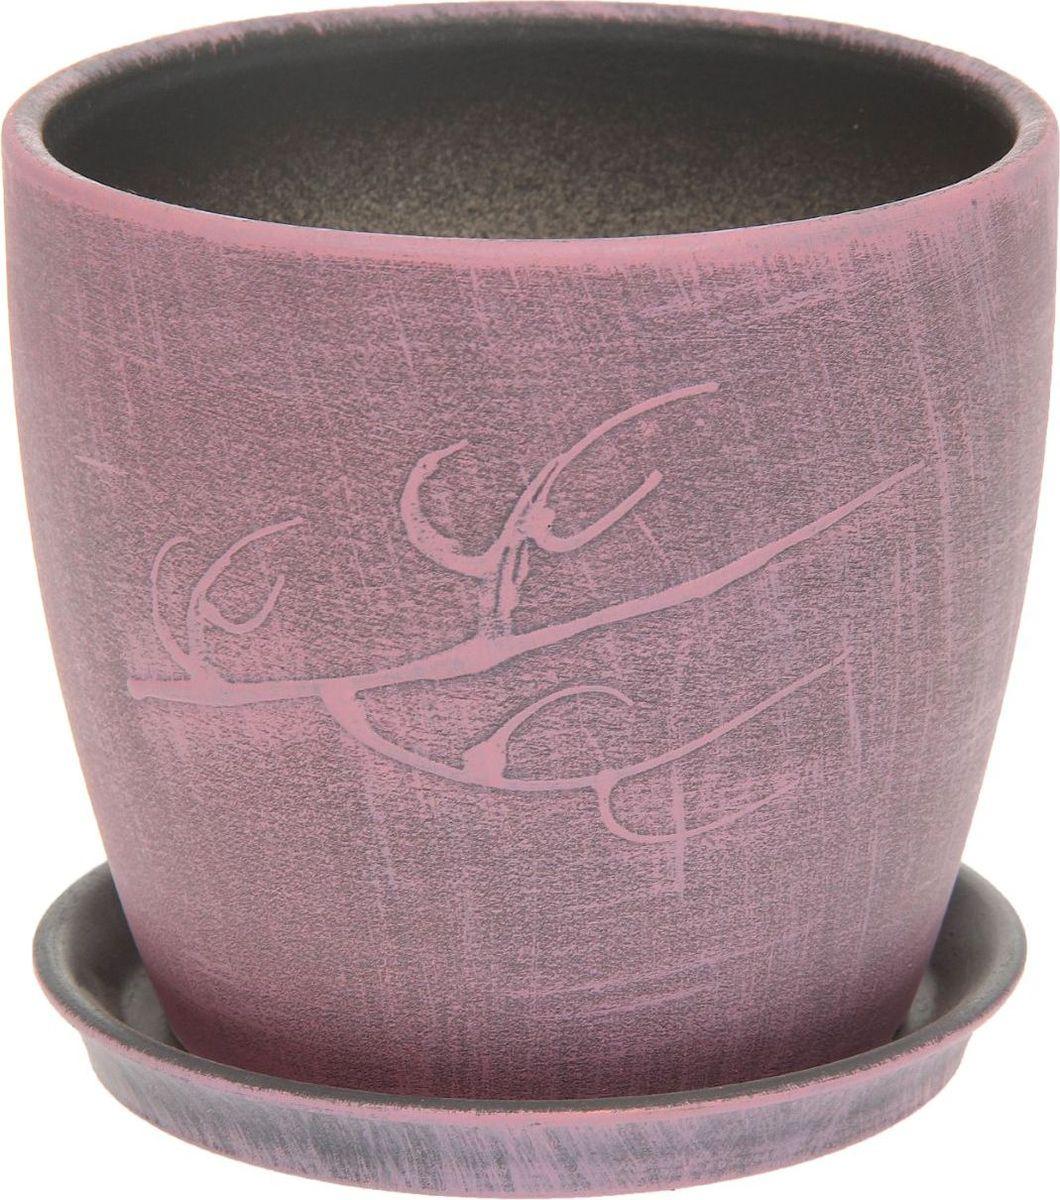 Кашпо Керамика ручной работы Осень. Патина, цвет: розовый, 1 л531-105Кашпо Керамика ручной работы Осень. Патина выполнен в оригинальном дизайне из керамика, это прекрасный способ подчеркнуть красоту и уникальность любого растения. Такое кашпо прекрасно подойдет для выращивания в нем трав и цветов.